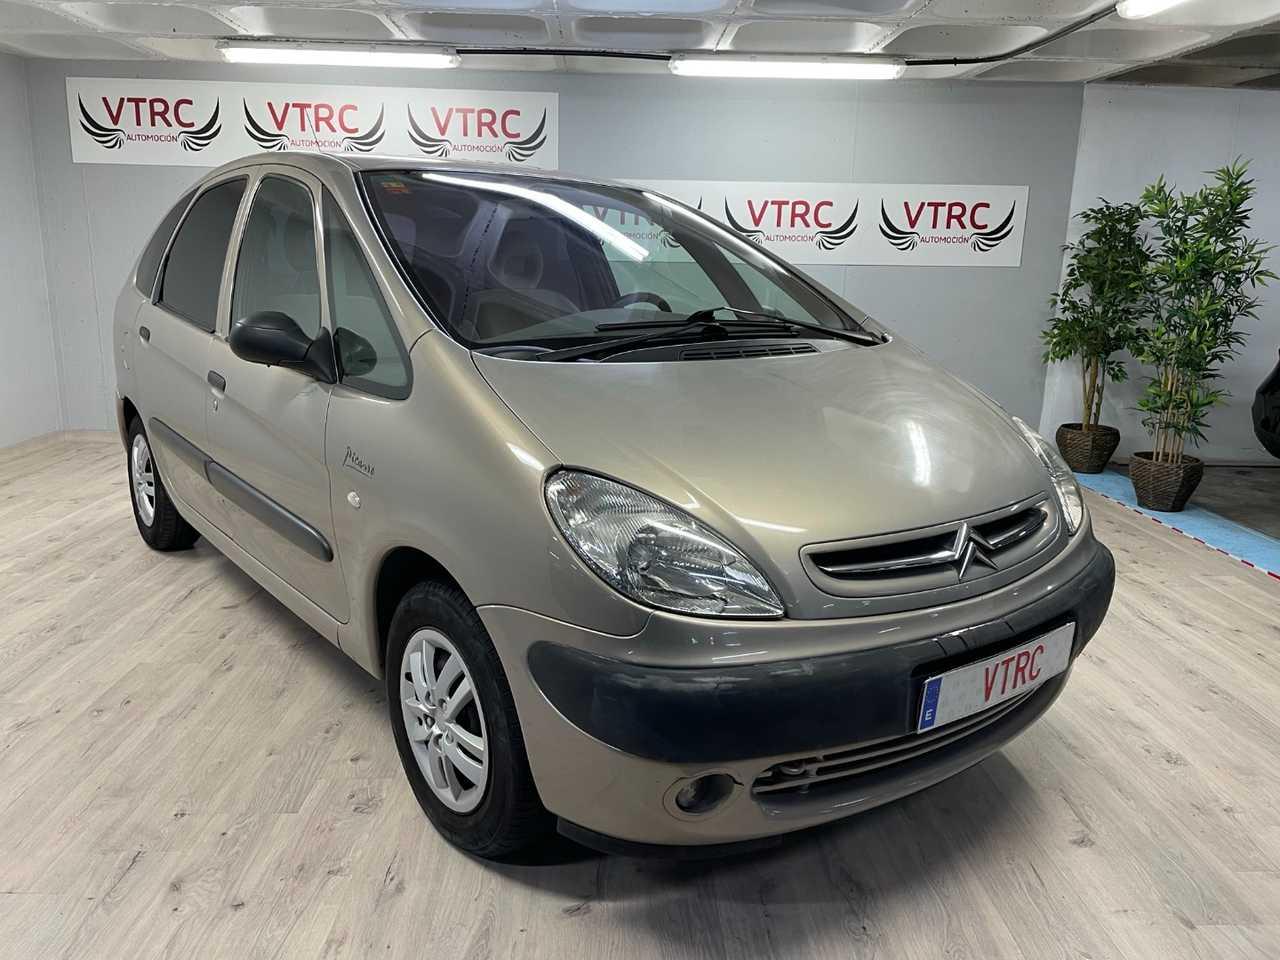 Citroën Xsara Picasso 2.0HDI   - Foto 1